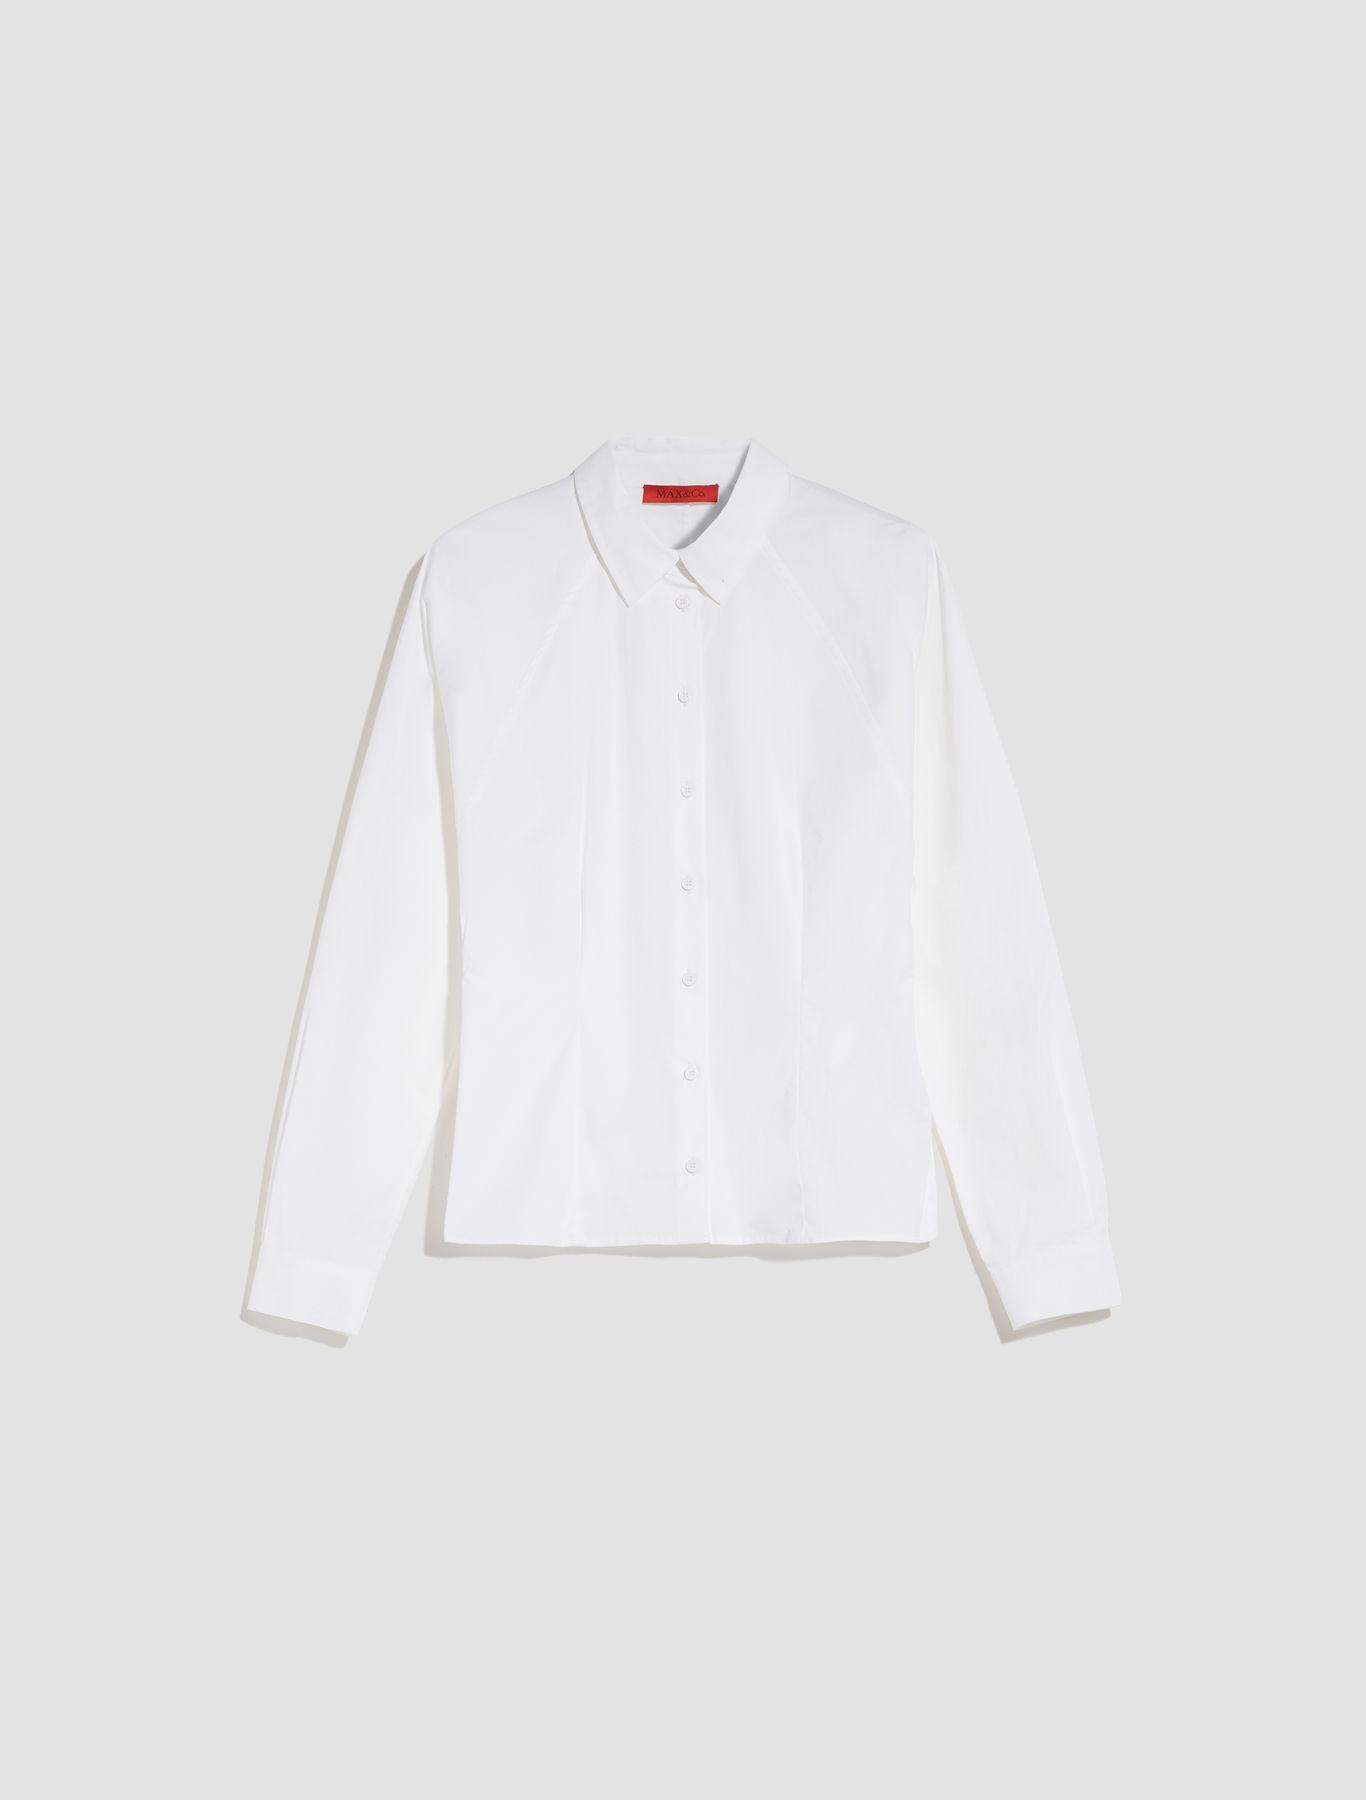 DESIO Shirt 5